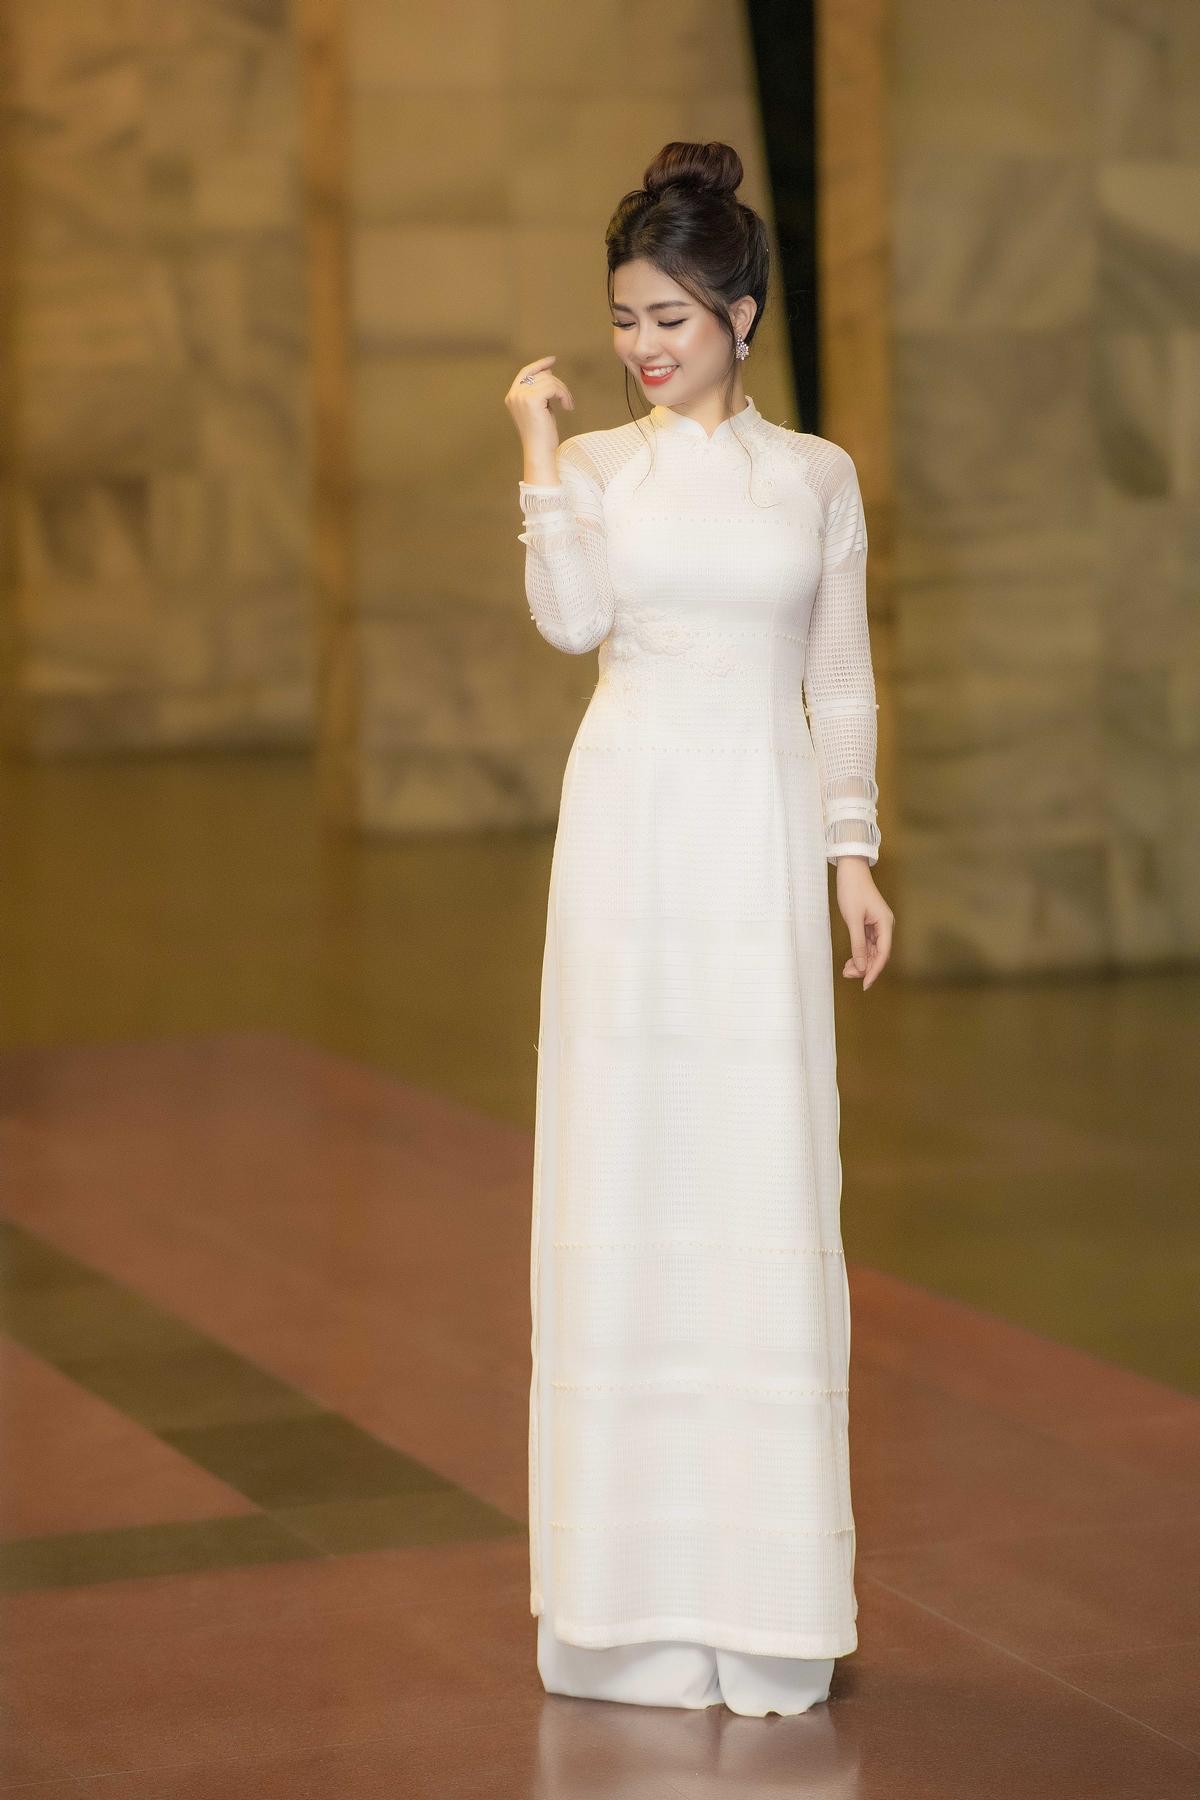 Dương Hoàng Yến khoe thân hình vạn người mê trong áo dài trắng 4